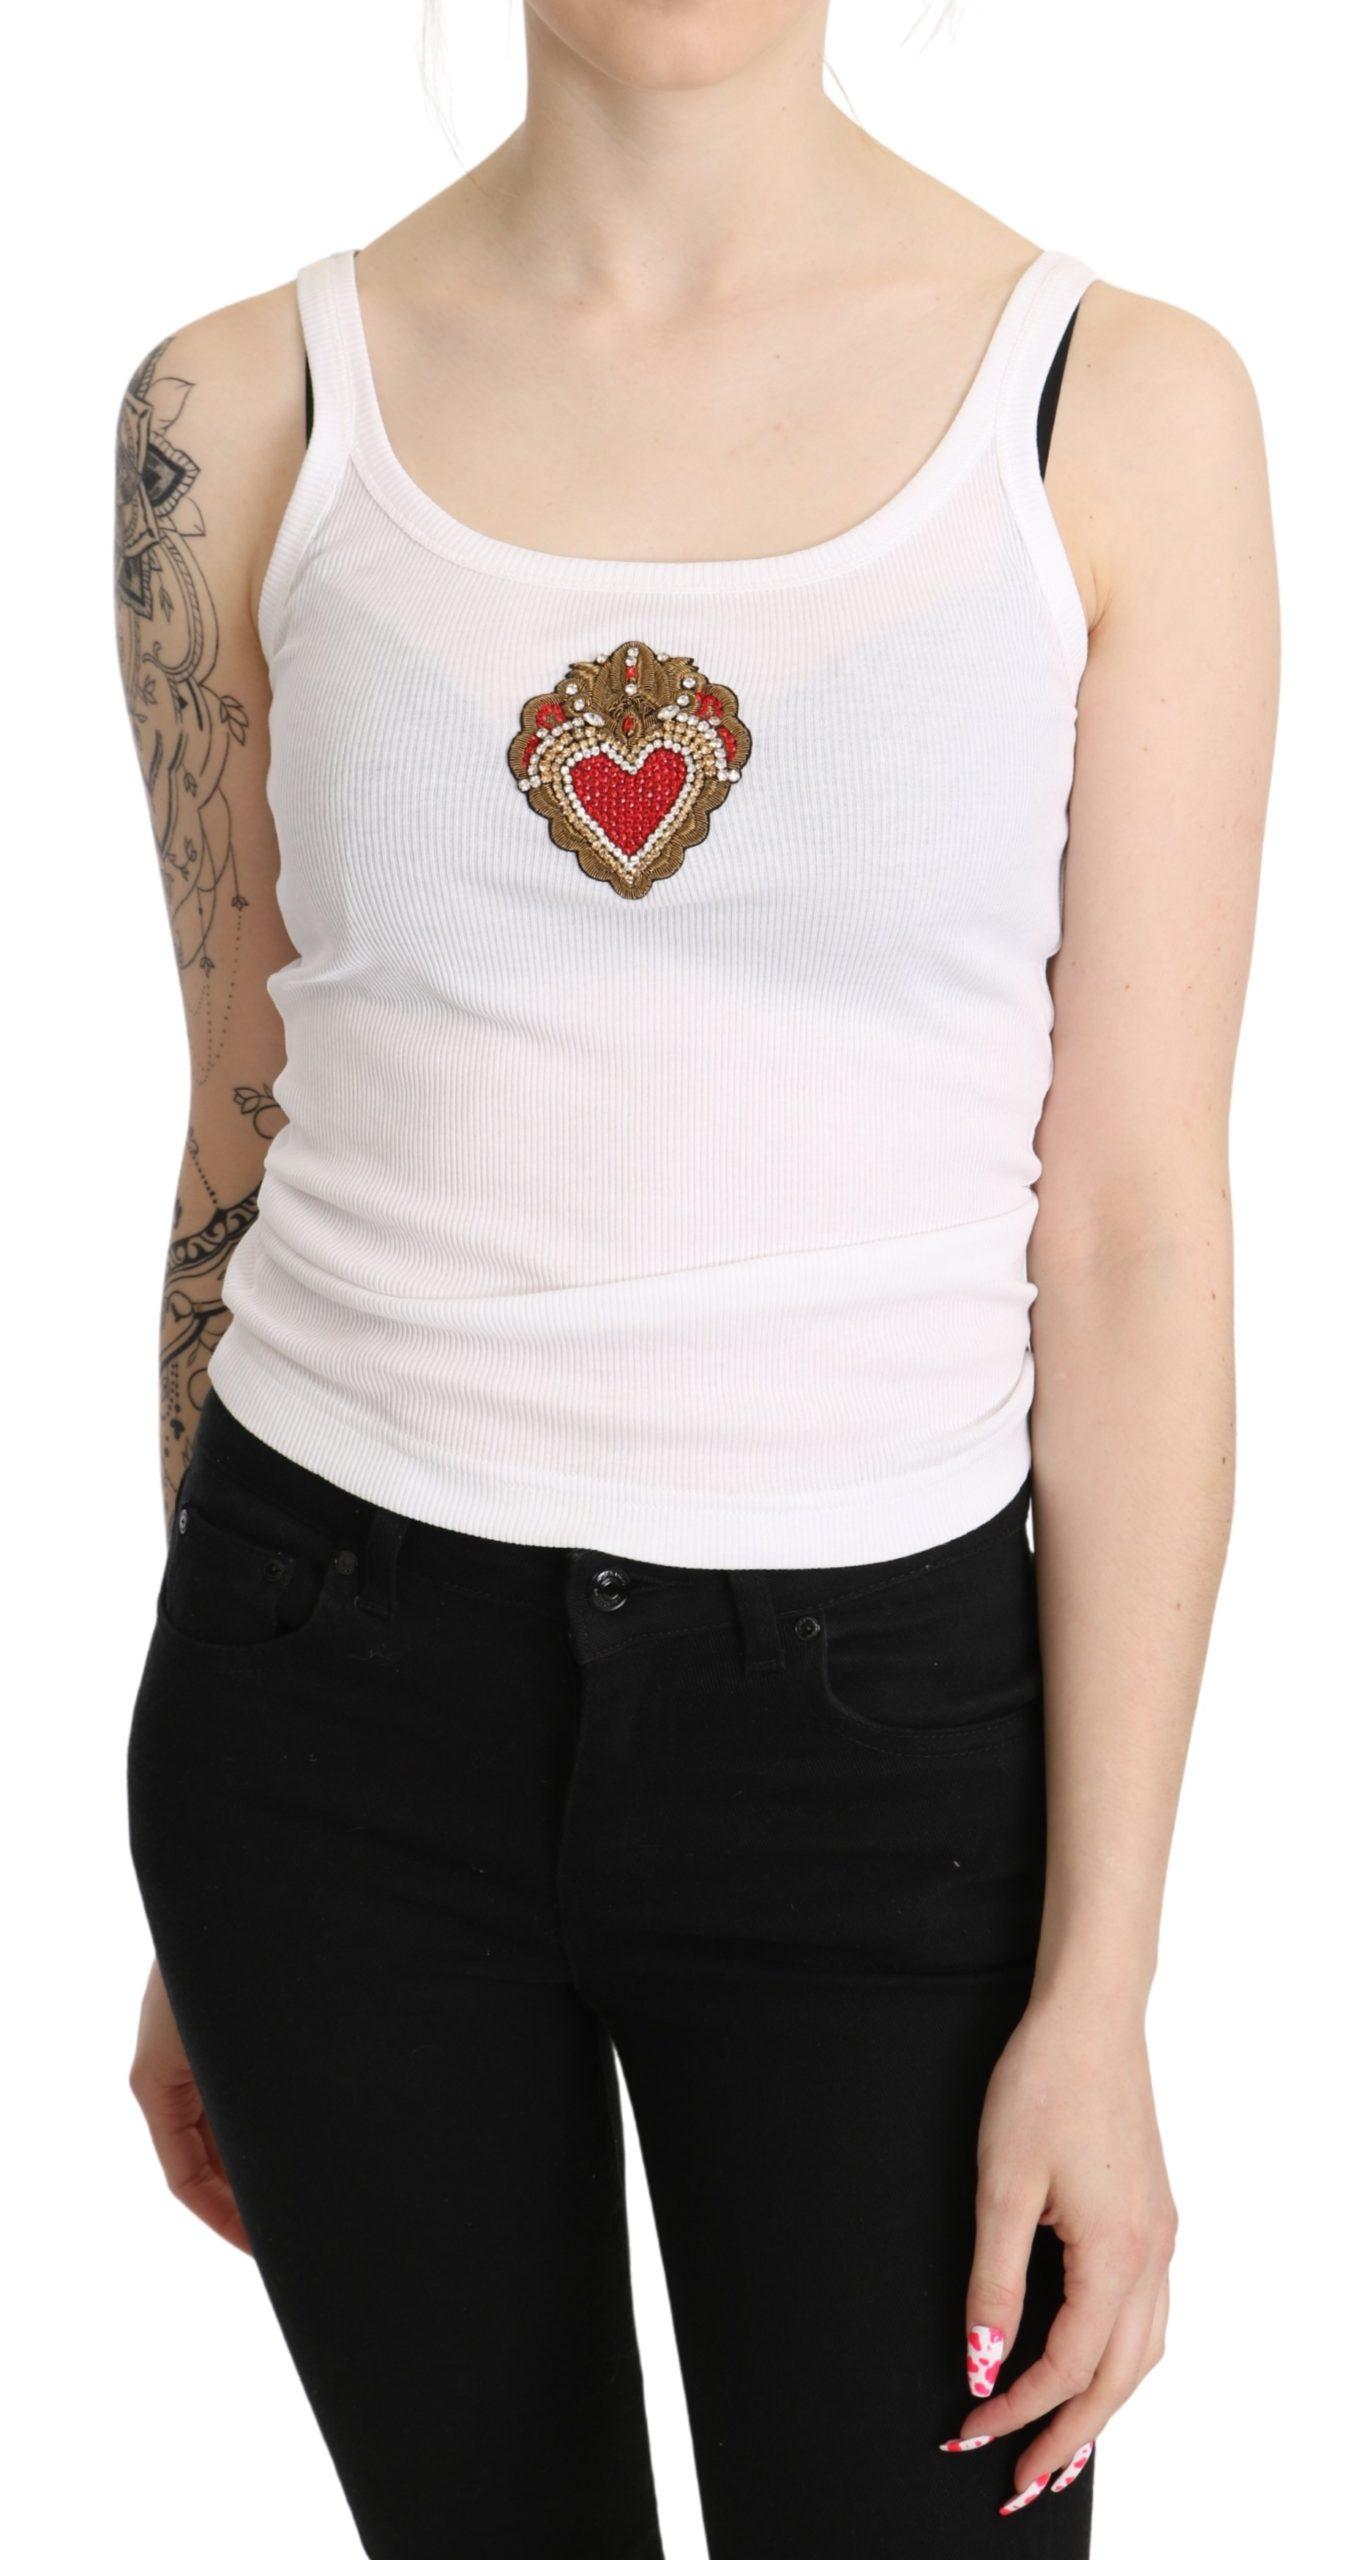 Dolce & Gabbana Women's Heart Cotton Top White TSH5269 - IT36   XS